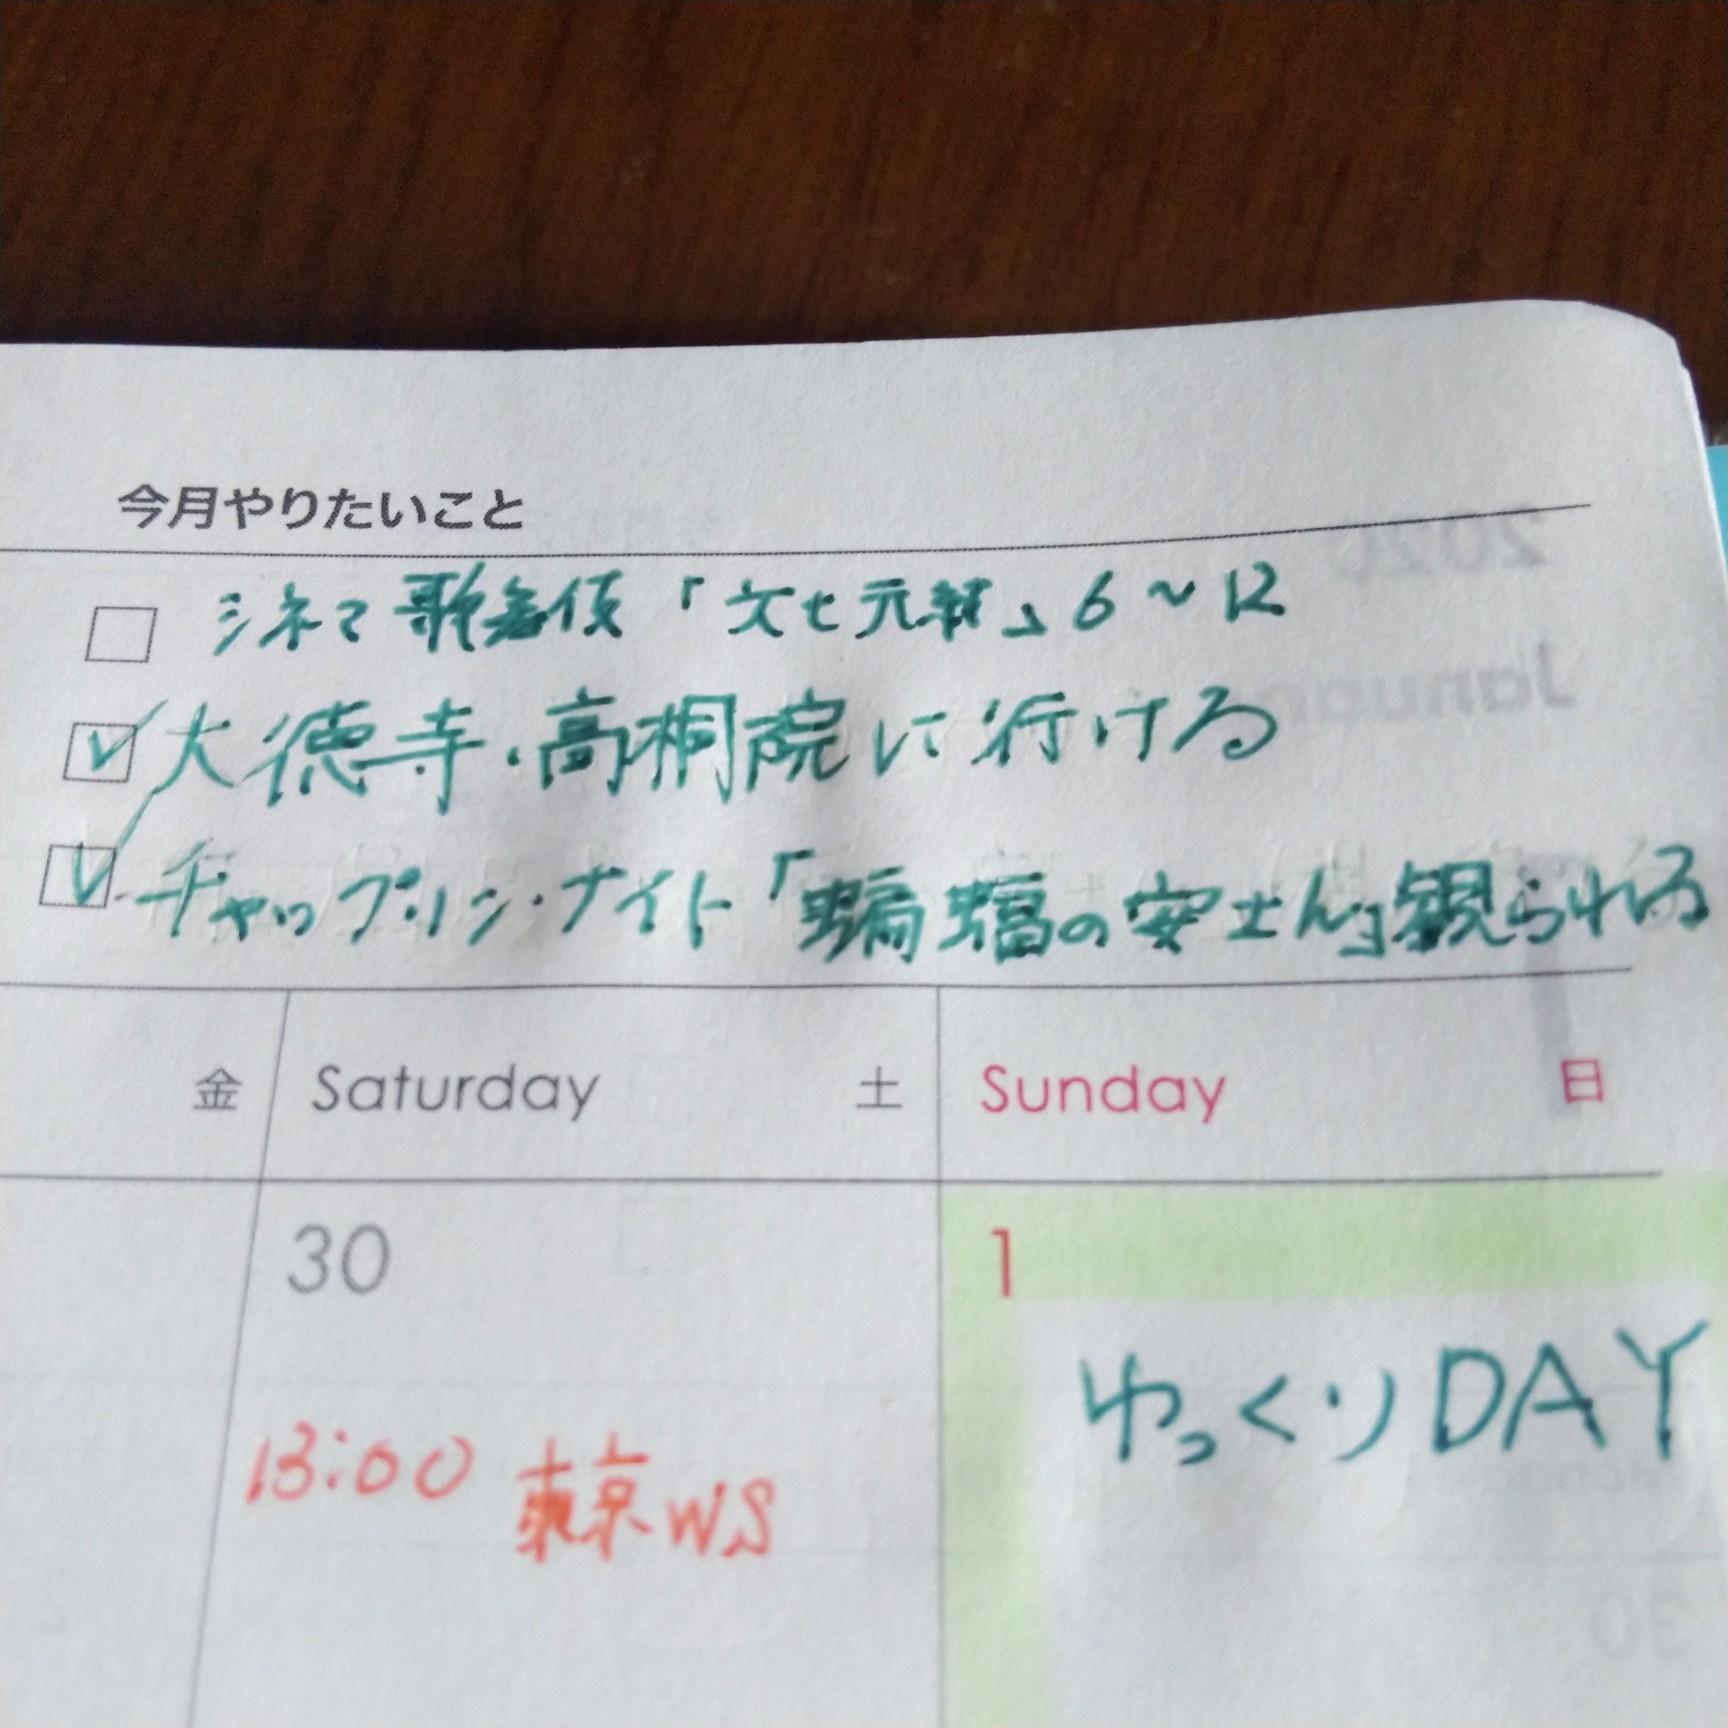 191228 歌舞伎「蝙蝠の安さん」を観てきました!_f0164842_23520740.jpg